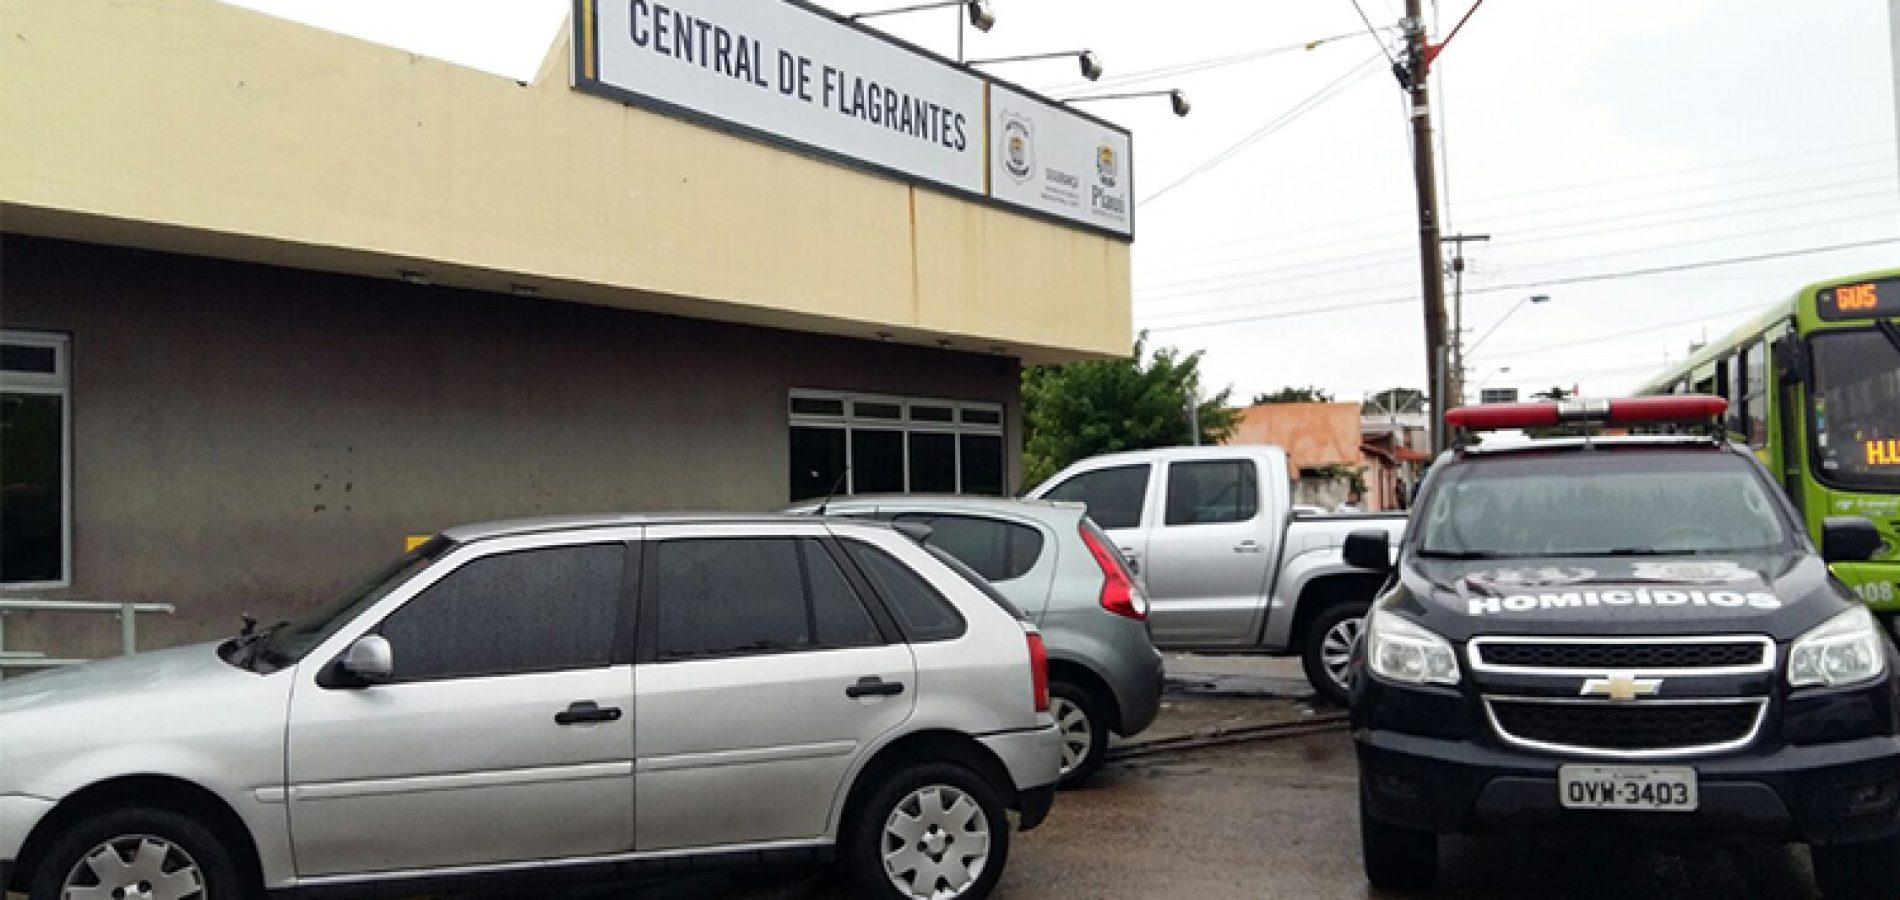 Ex-marido é suspeito de agredir mulher com soco na boca no centro de Teresina